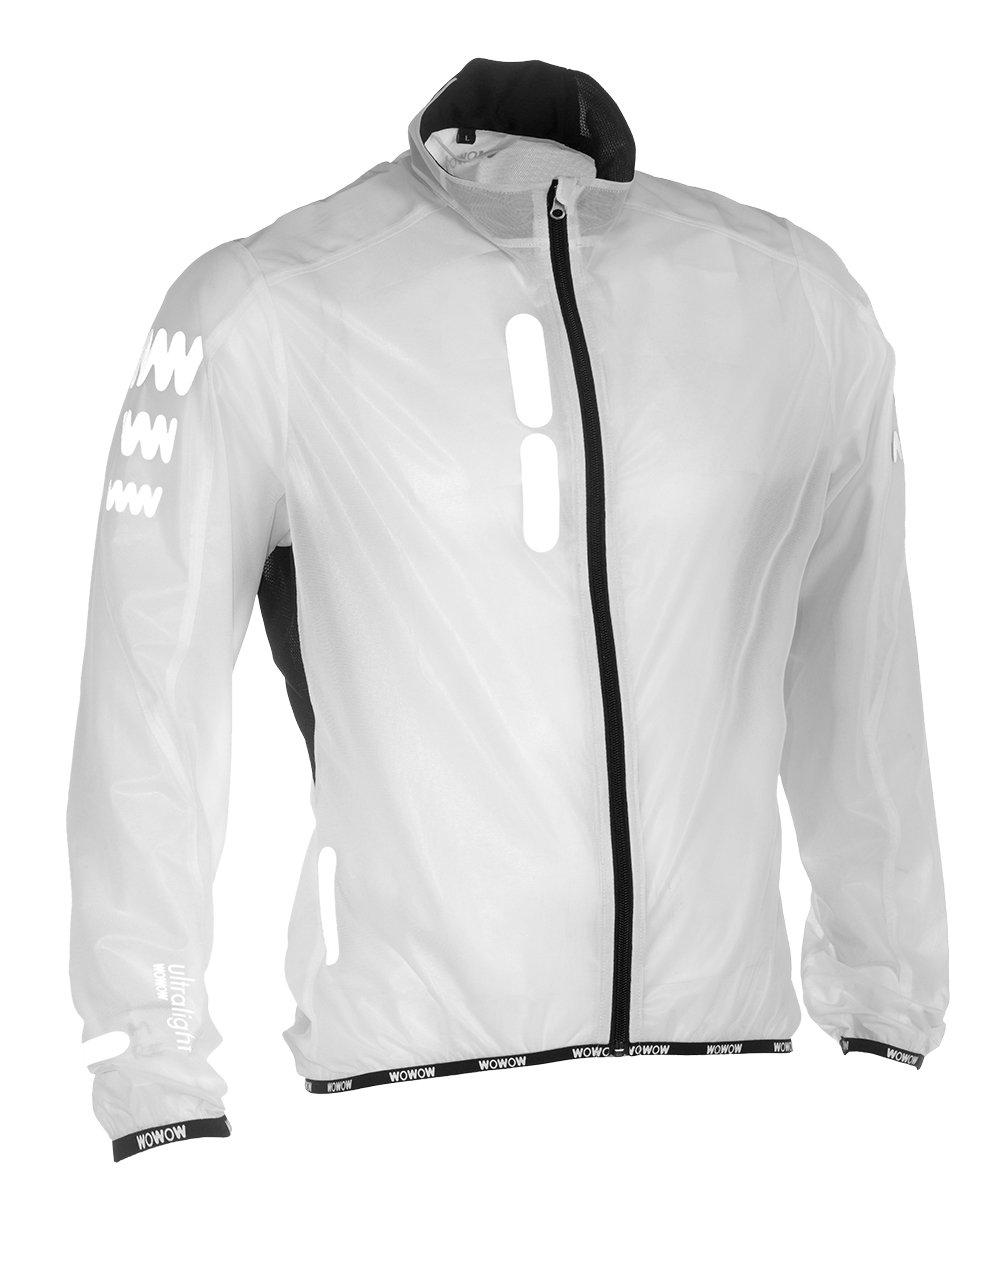 WOWOW Fahrradjacke XXL Supersafe Ultraleicht 130gr - Hohe Sichtbarkeit - Windsto